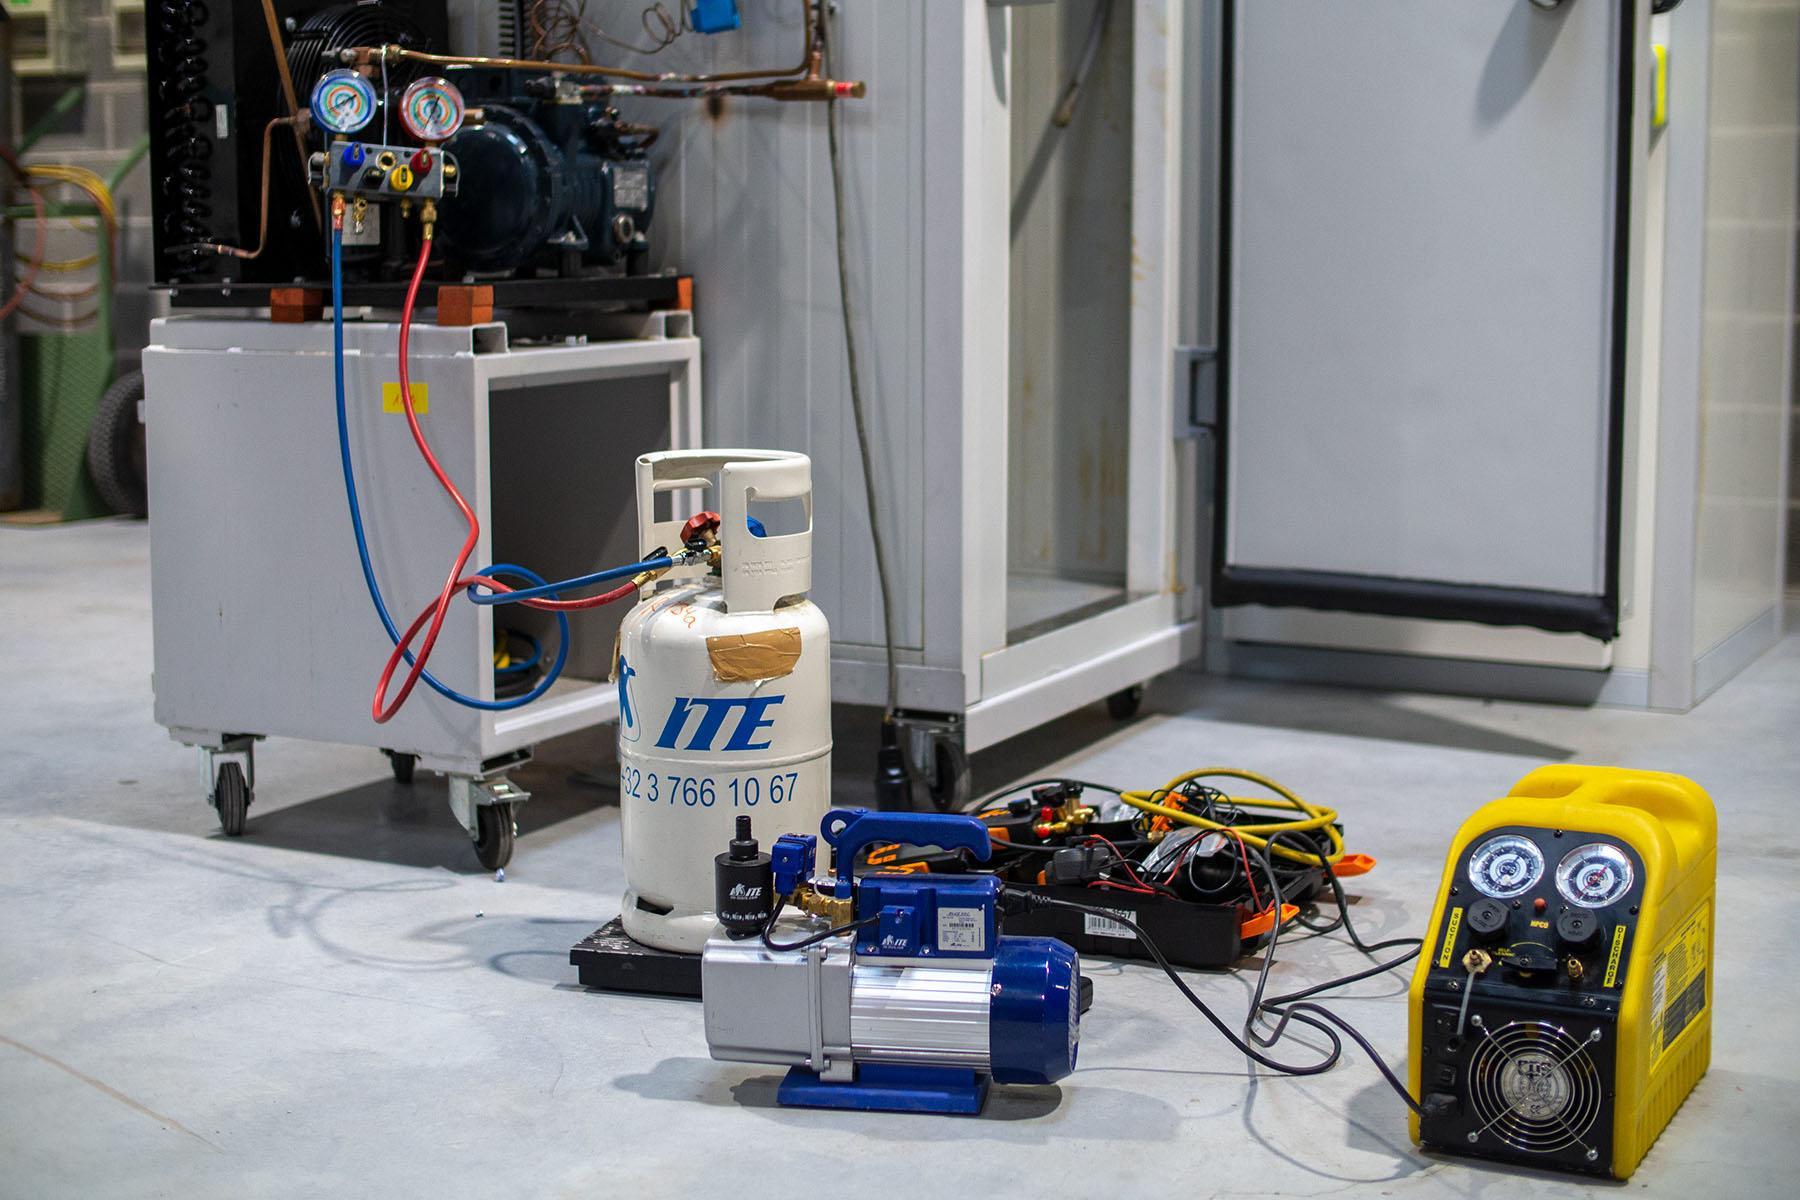 Hernieuwing certificaat koeltechnieken